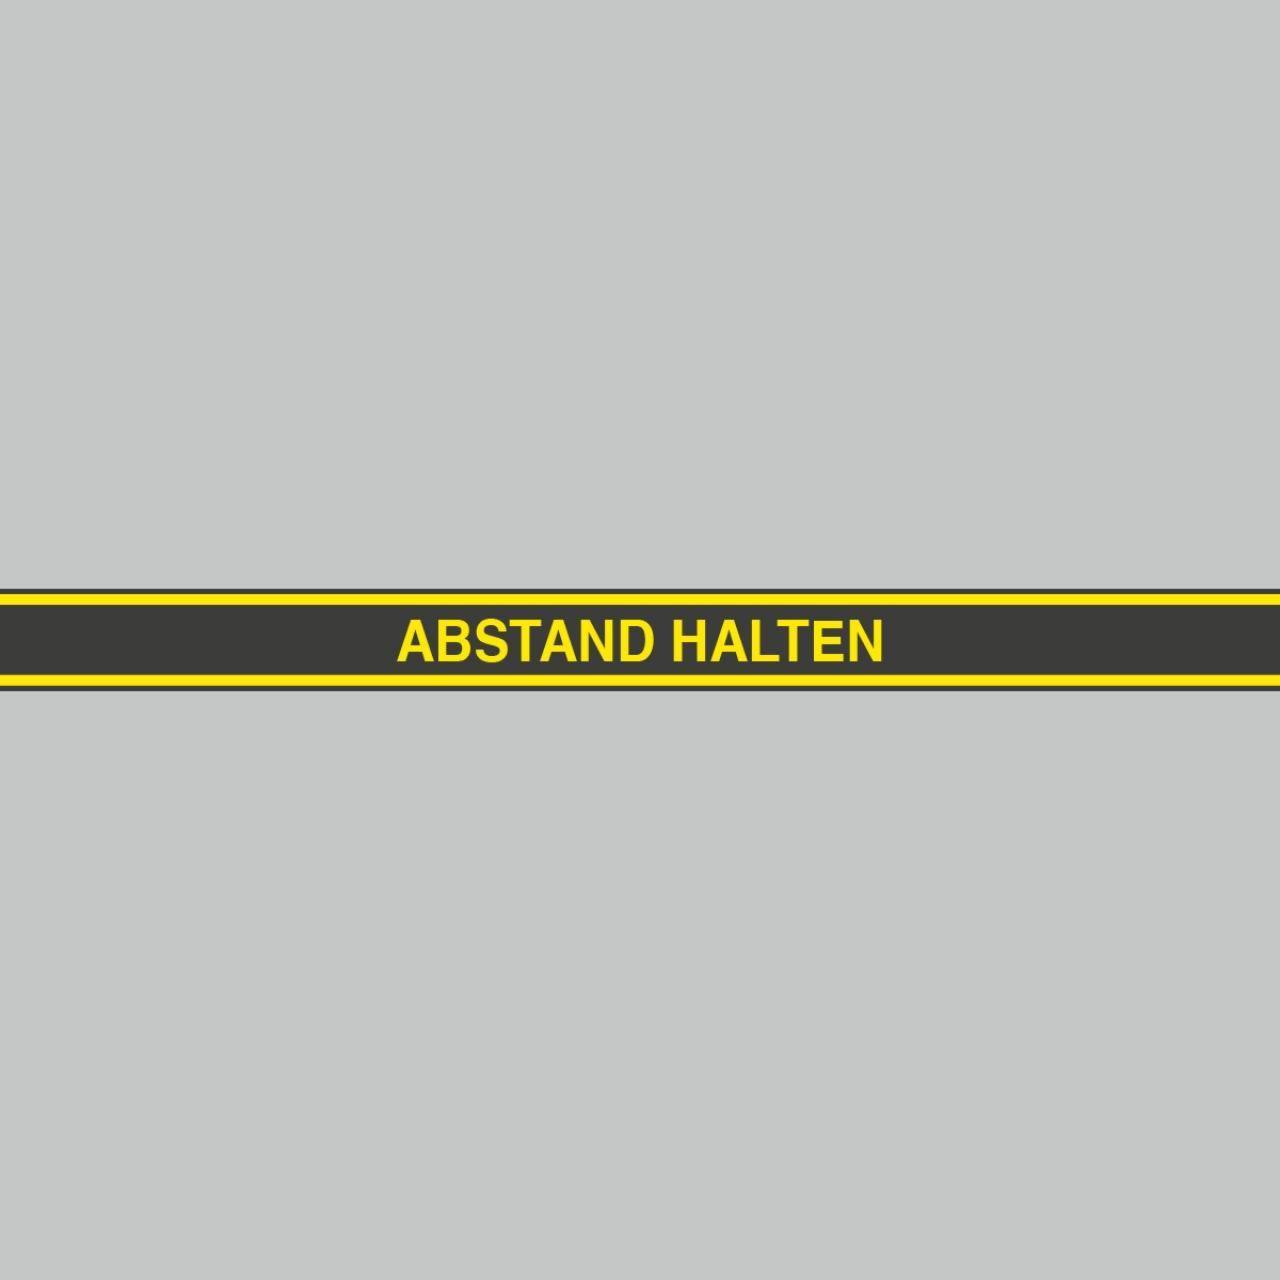 Fußbodenaufkleber gelb-schwarz, Streifen, 120x9,6cm – Abstand halten